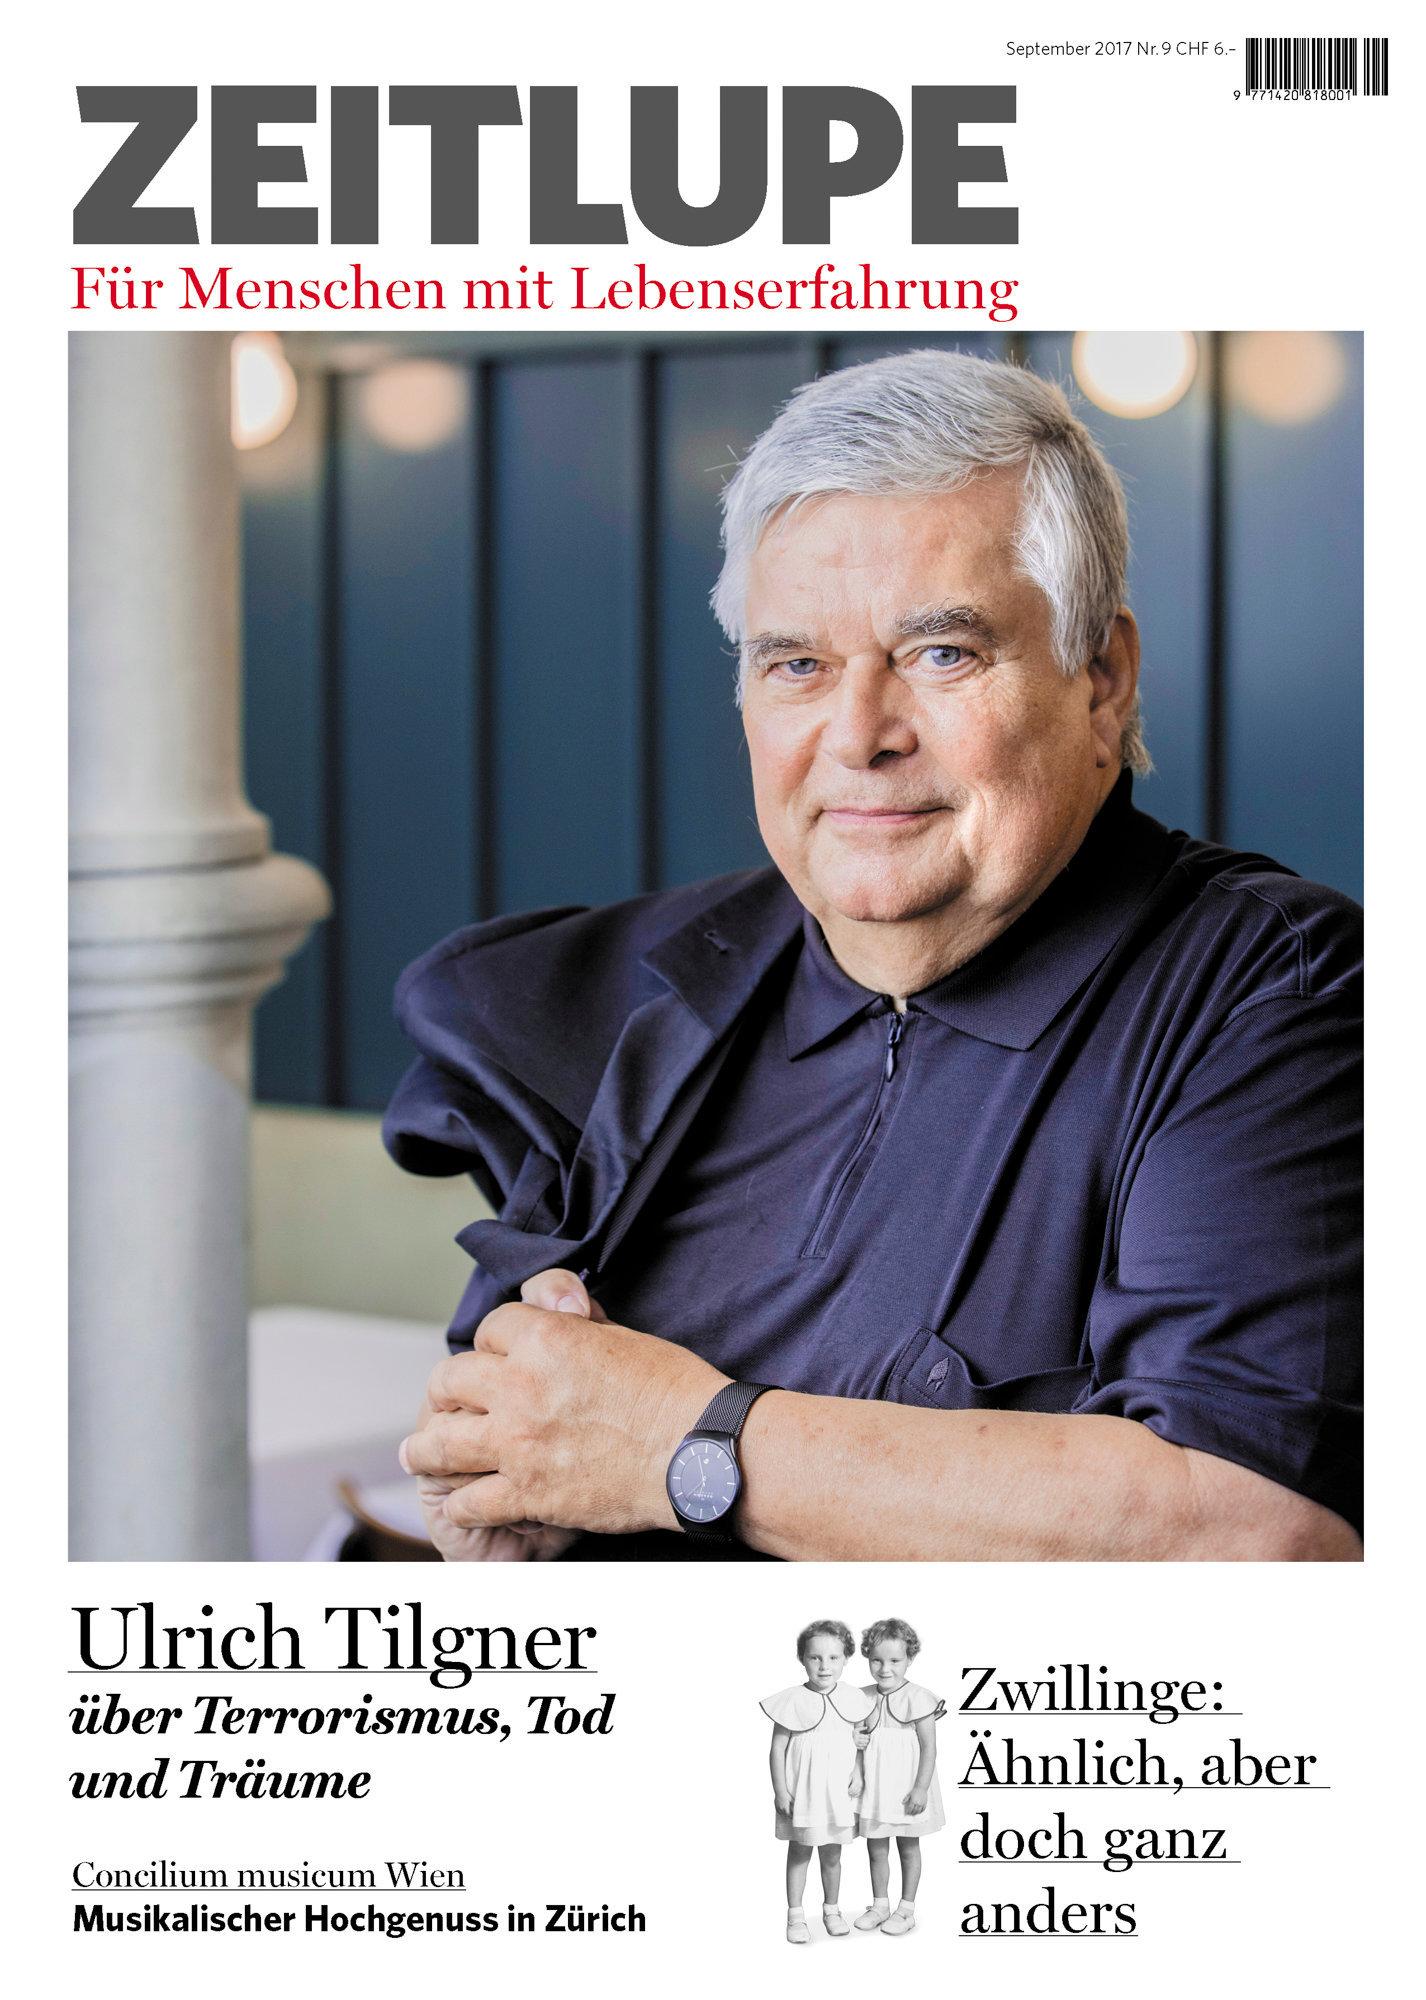 Ulrich Tilgner, Zeitlupe, September 2017